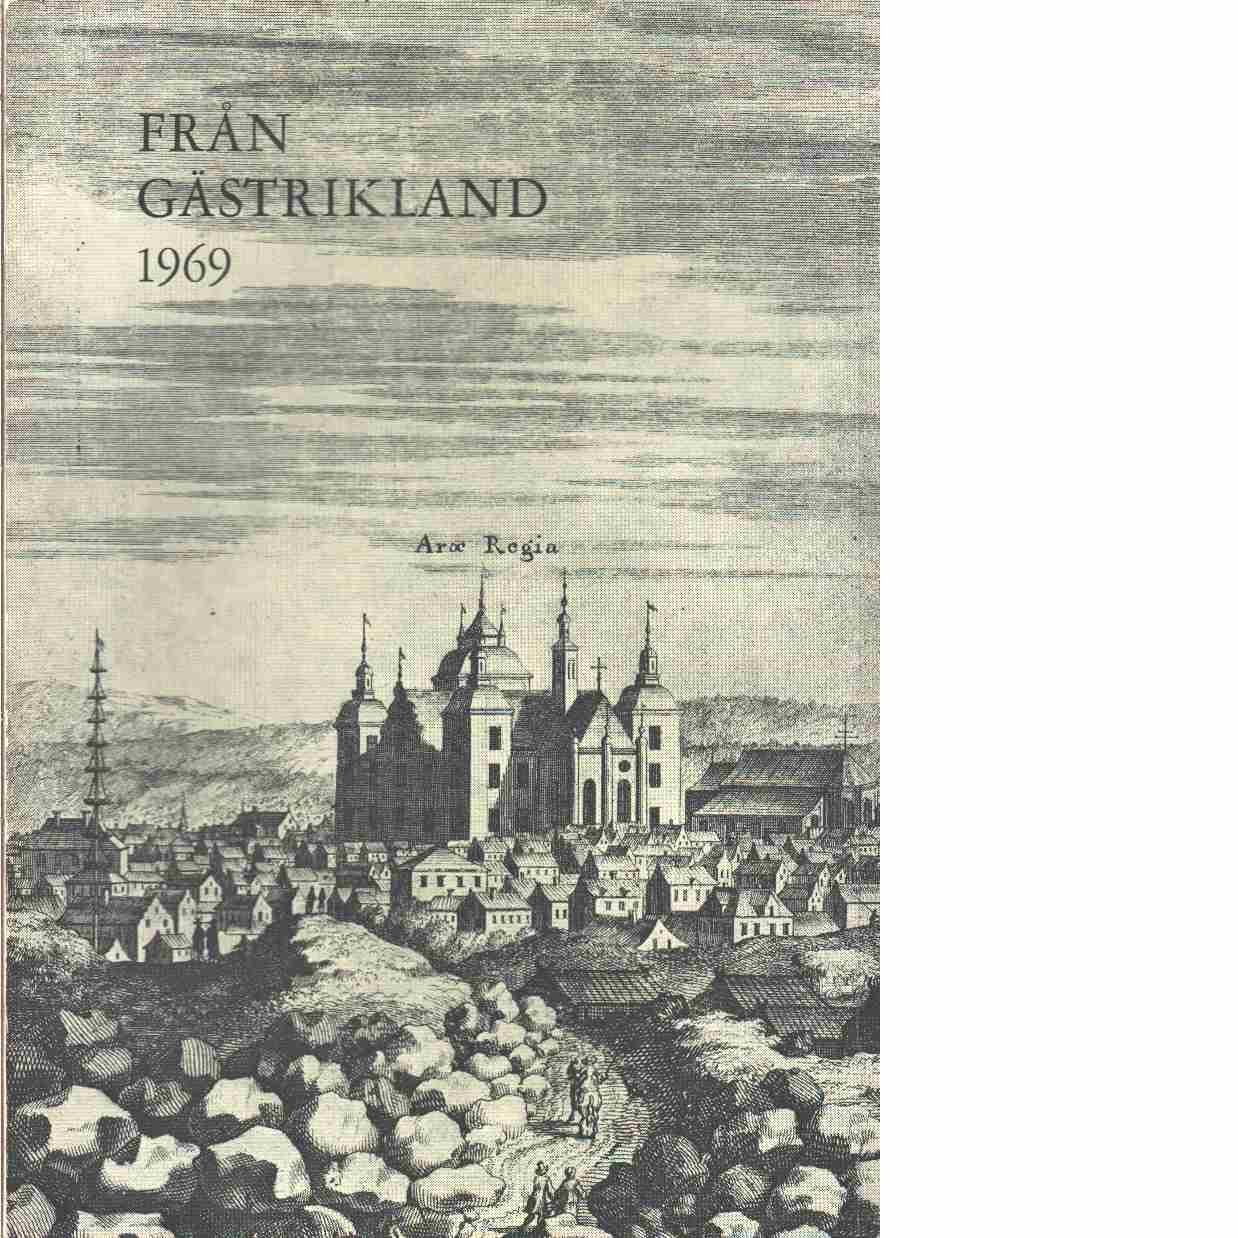 Från Gästrikland 1969 - Gästriklands kulturhistoriska förening